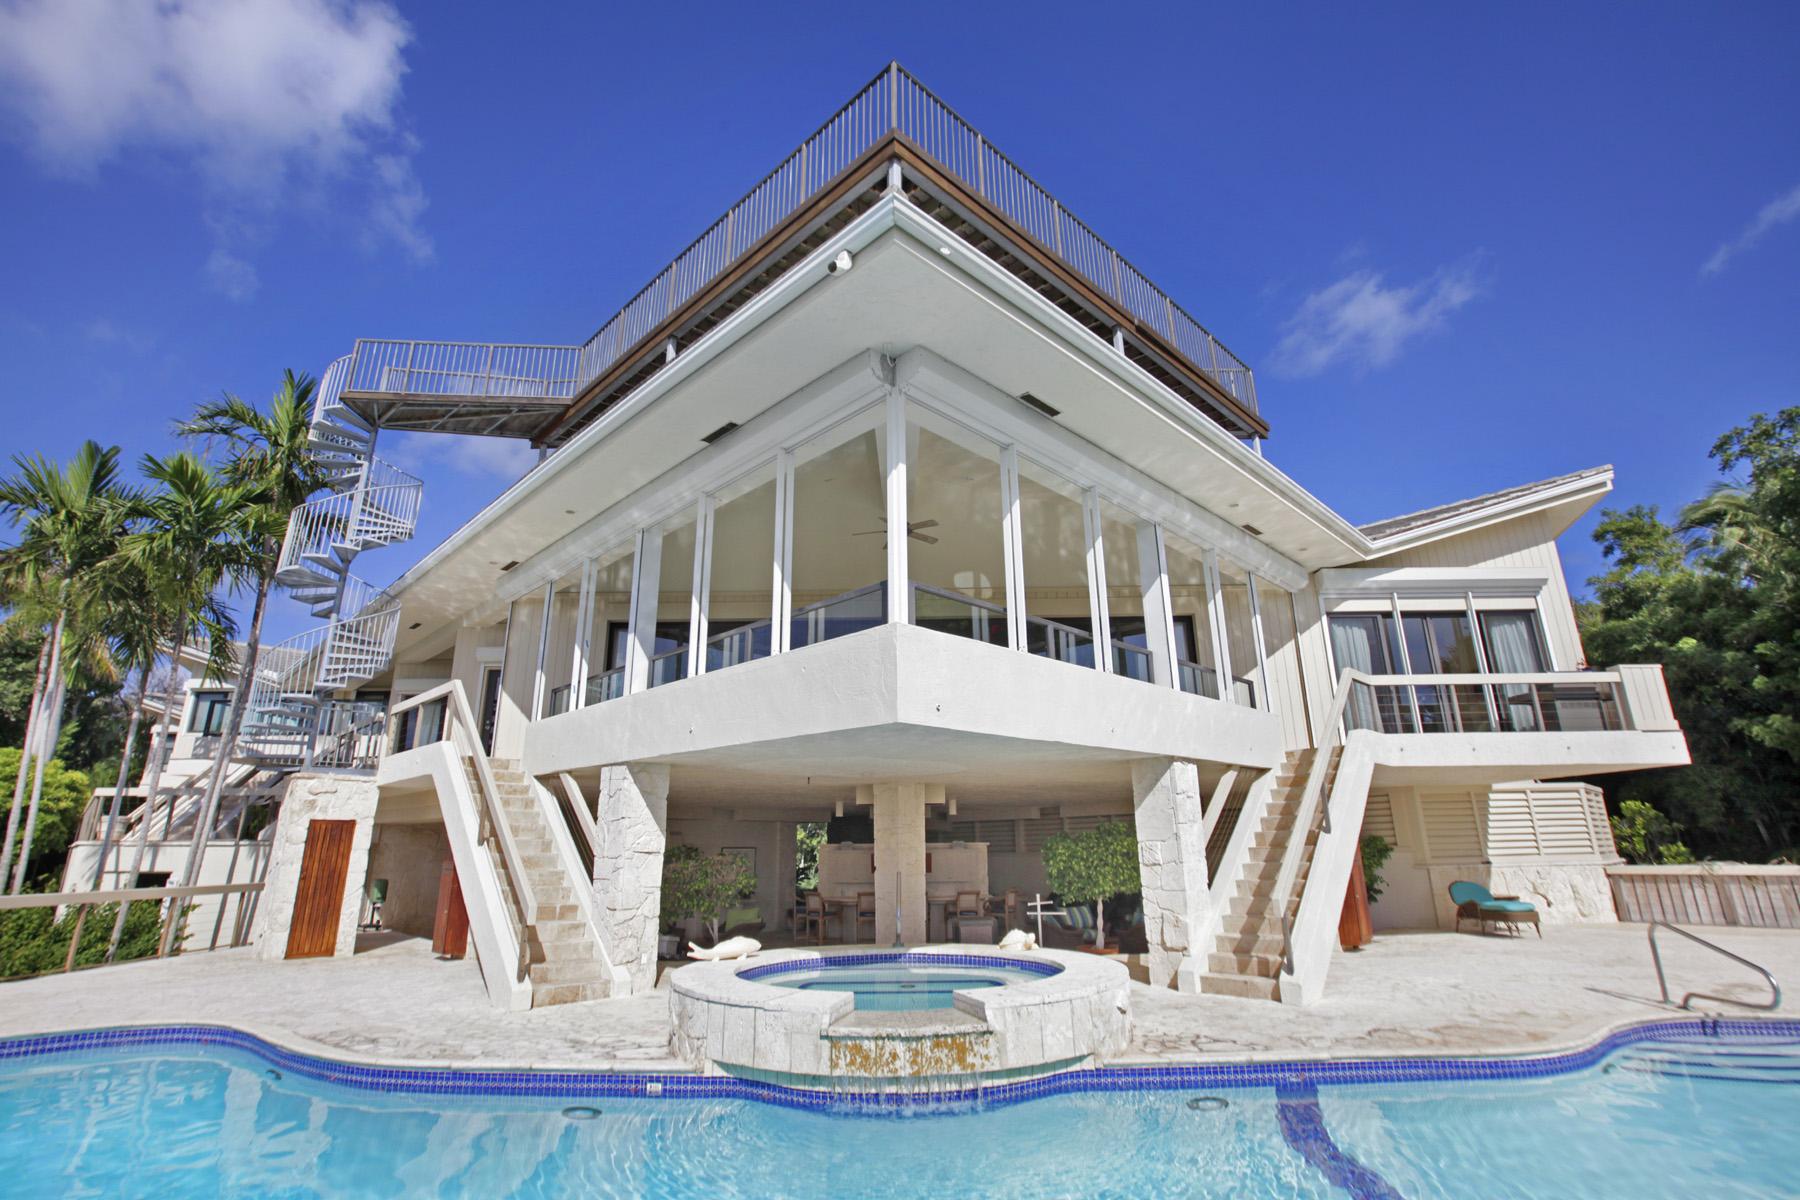 獨棟家庭住宅 為 出售 在 Truly Unique Oceanfront Home at Ocean Reef Club 19 Sunrise Cay Drive Key Largo, 佛羅里達州 33037 美國